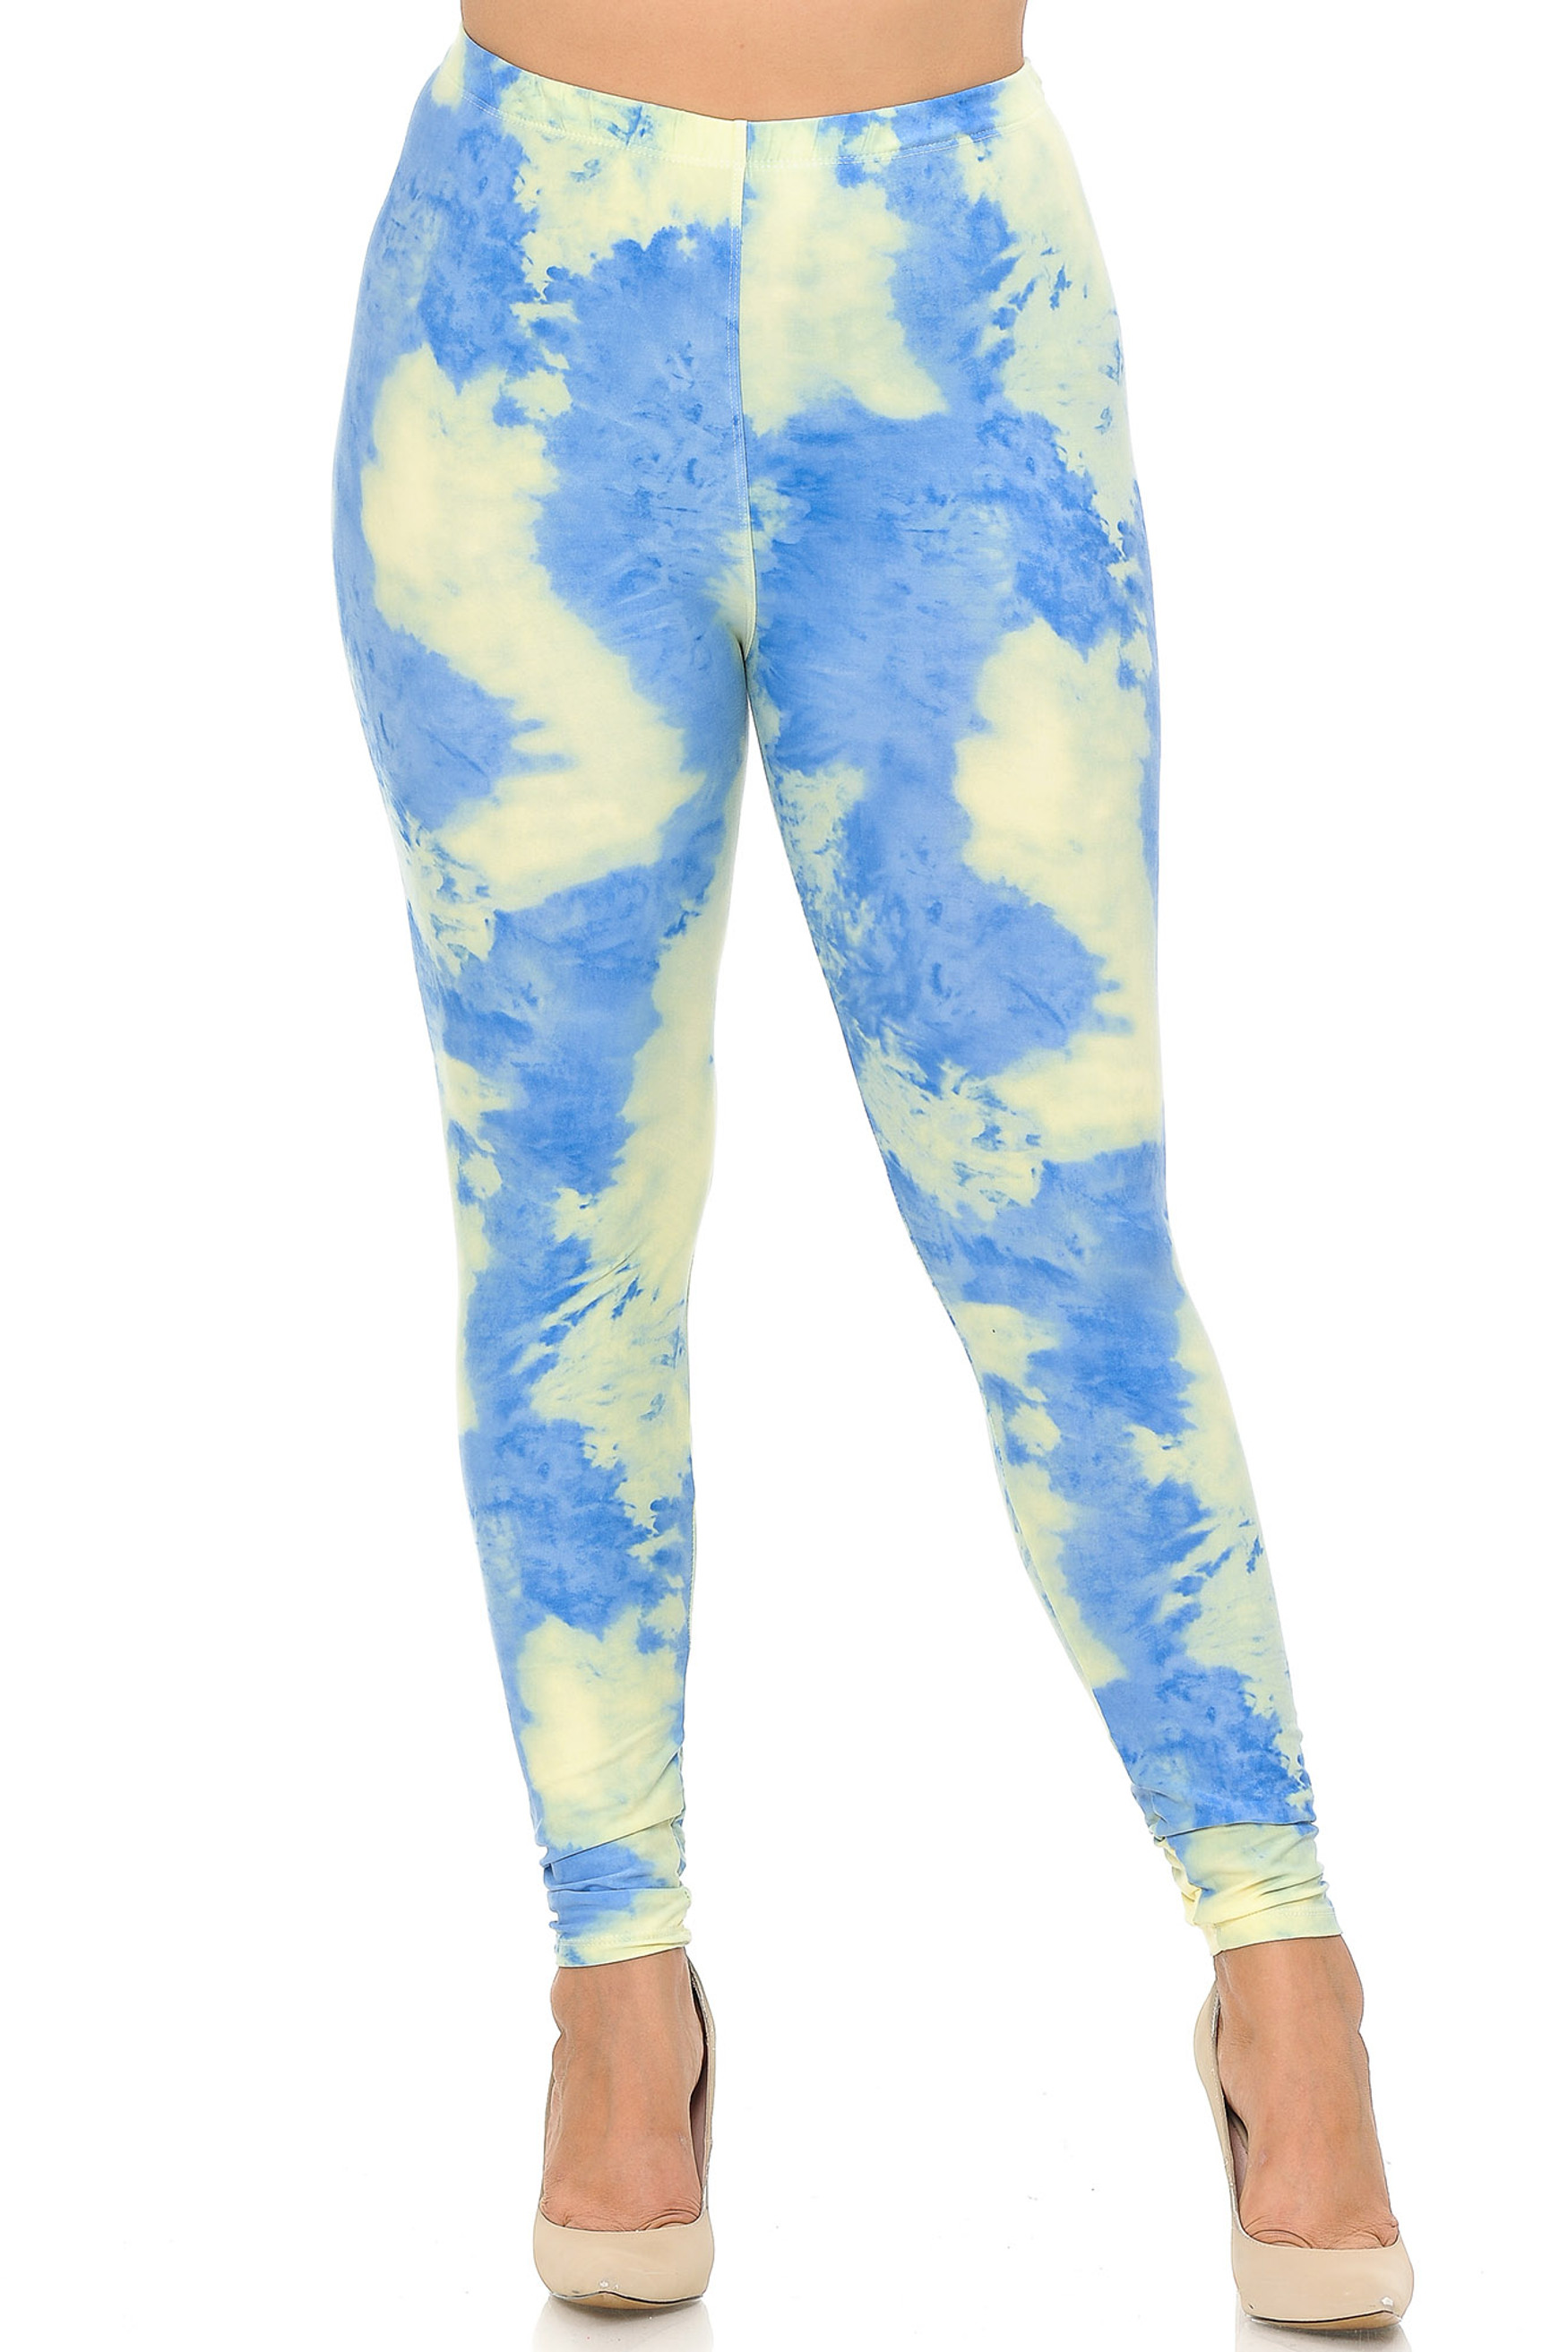 Brushed Pastel Tie Dye Extra Plus Size Leggings - 3X-5X - EEVEE